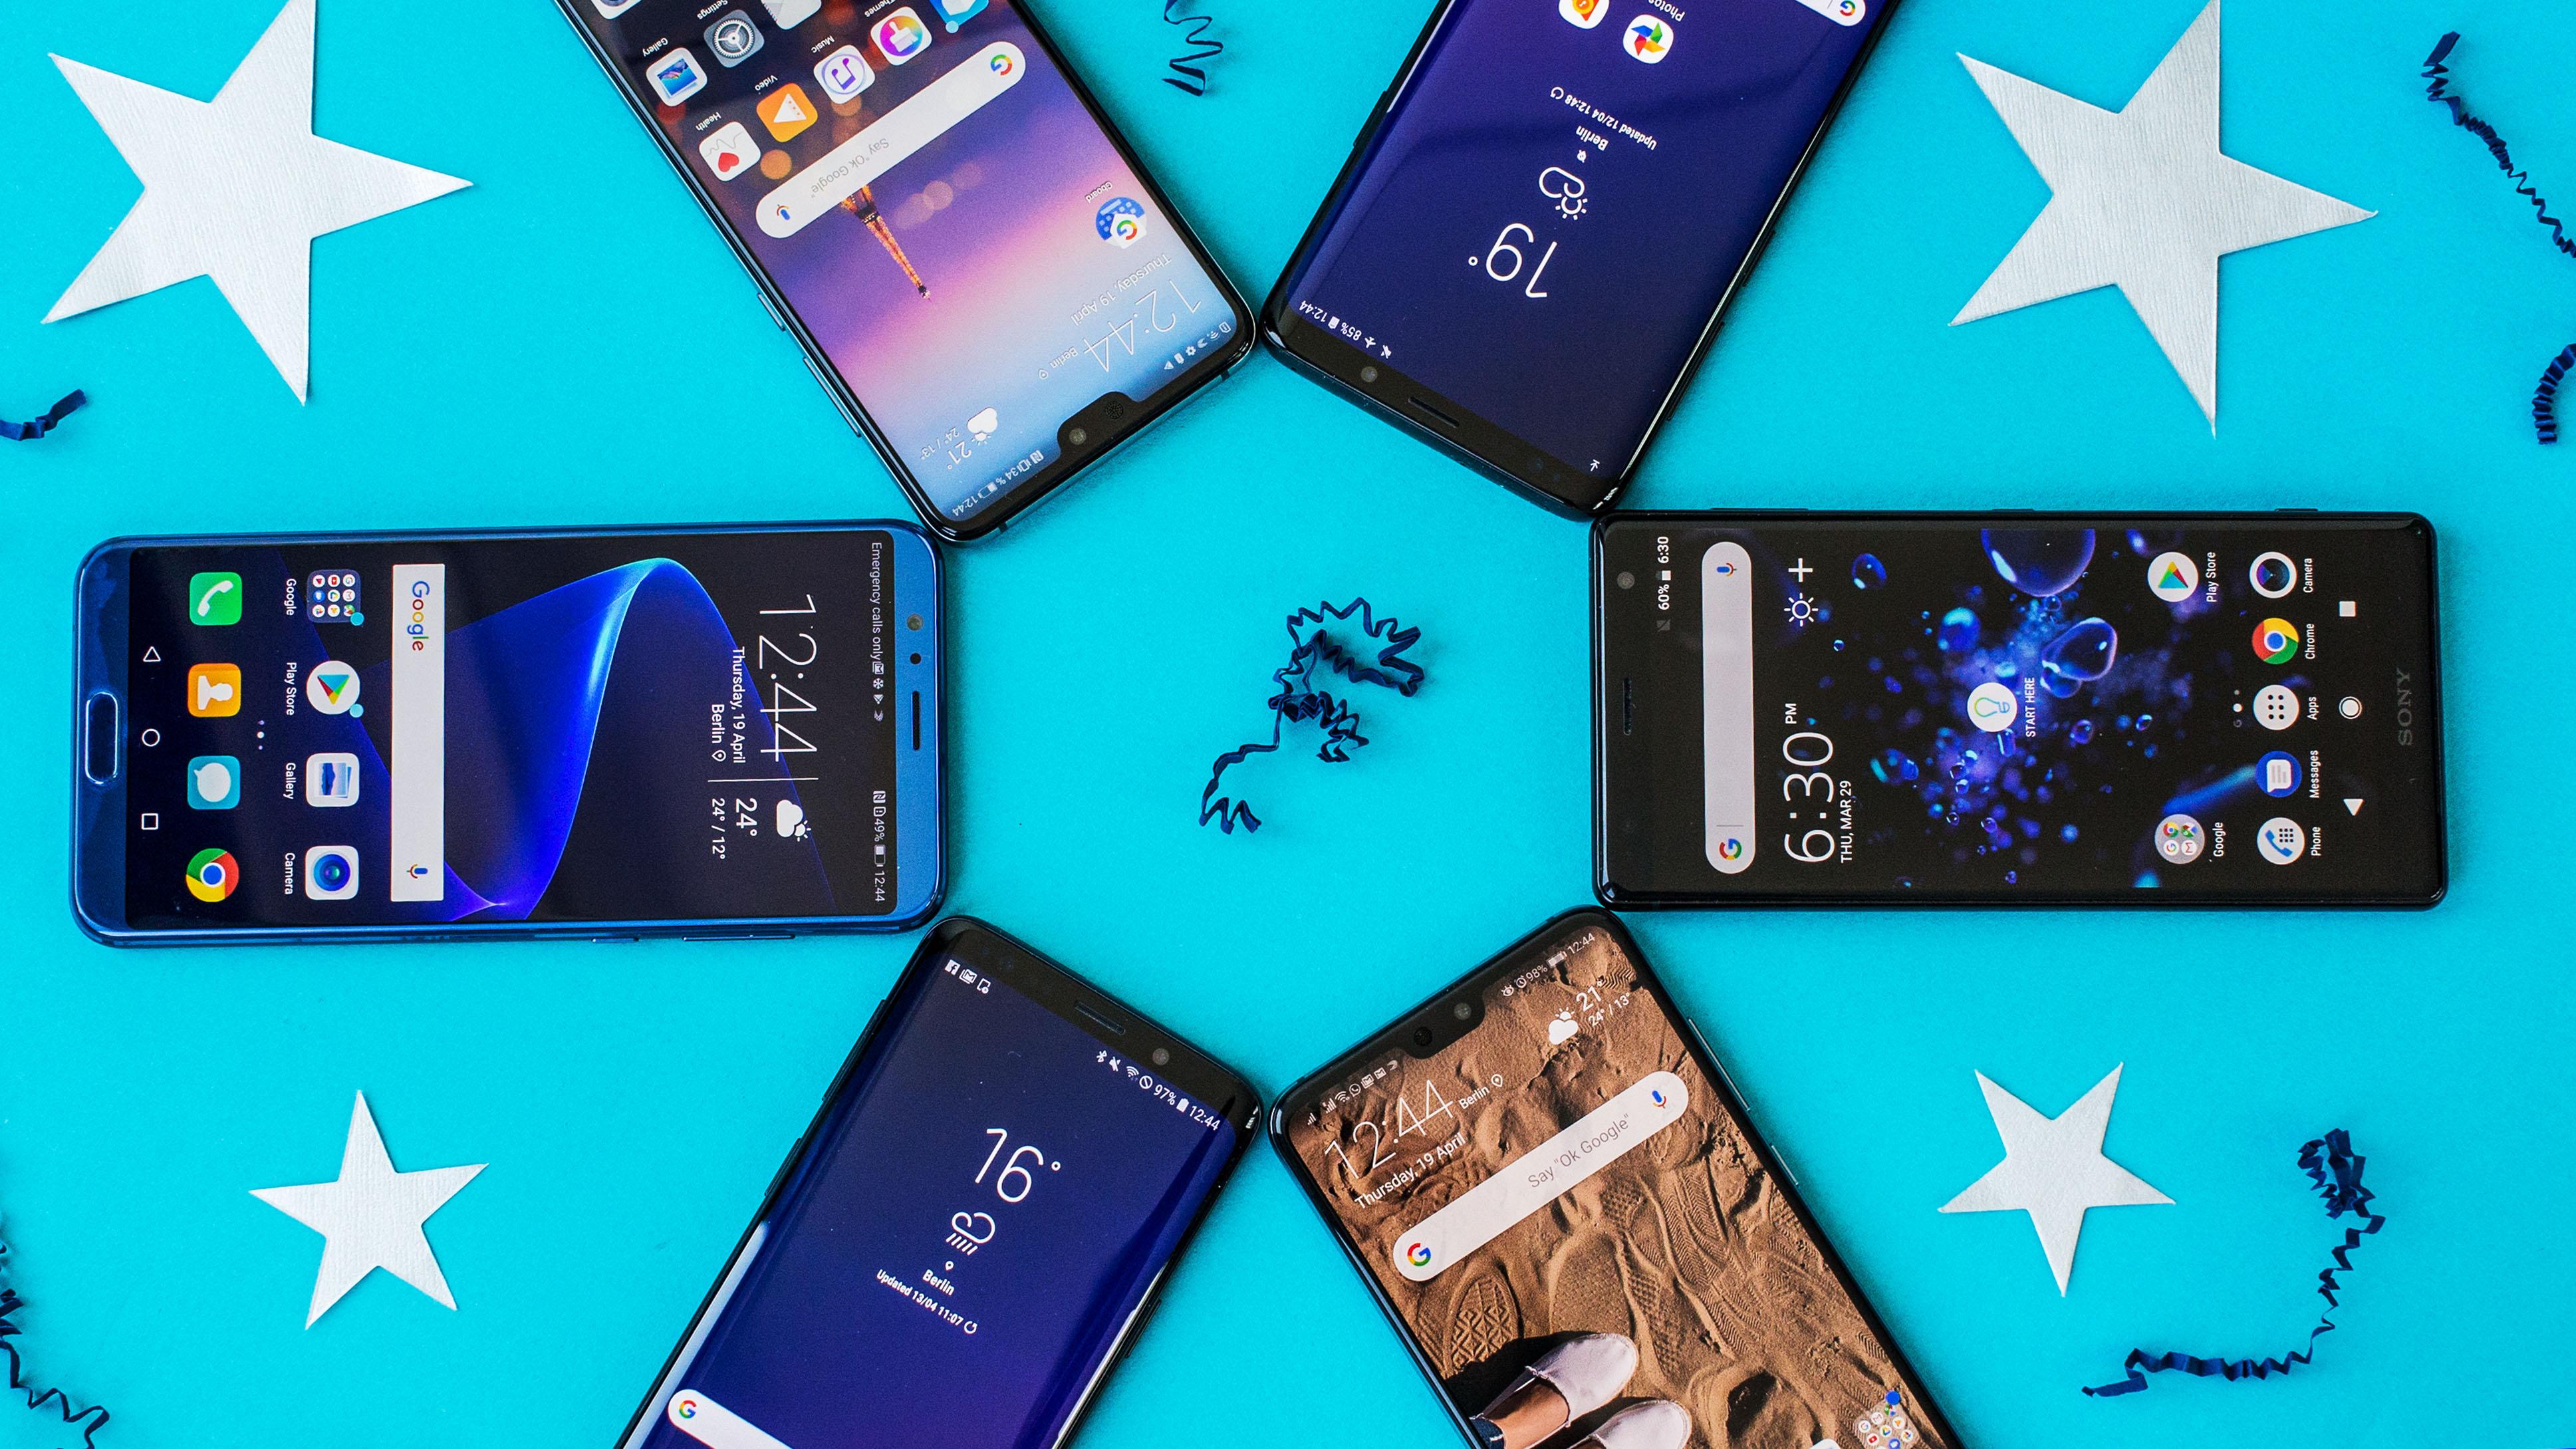 २०१९ मा स्मार्टफोन बजार - हुवावेको ४४% वृद्धि , एप्पल झन् तल झर्यो